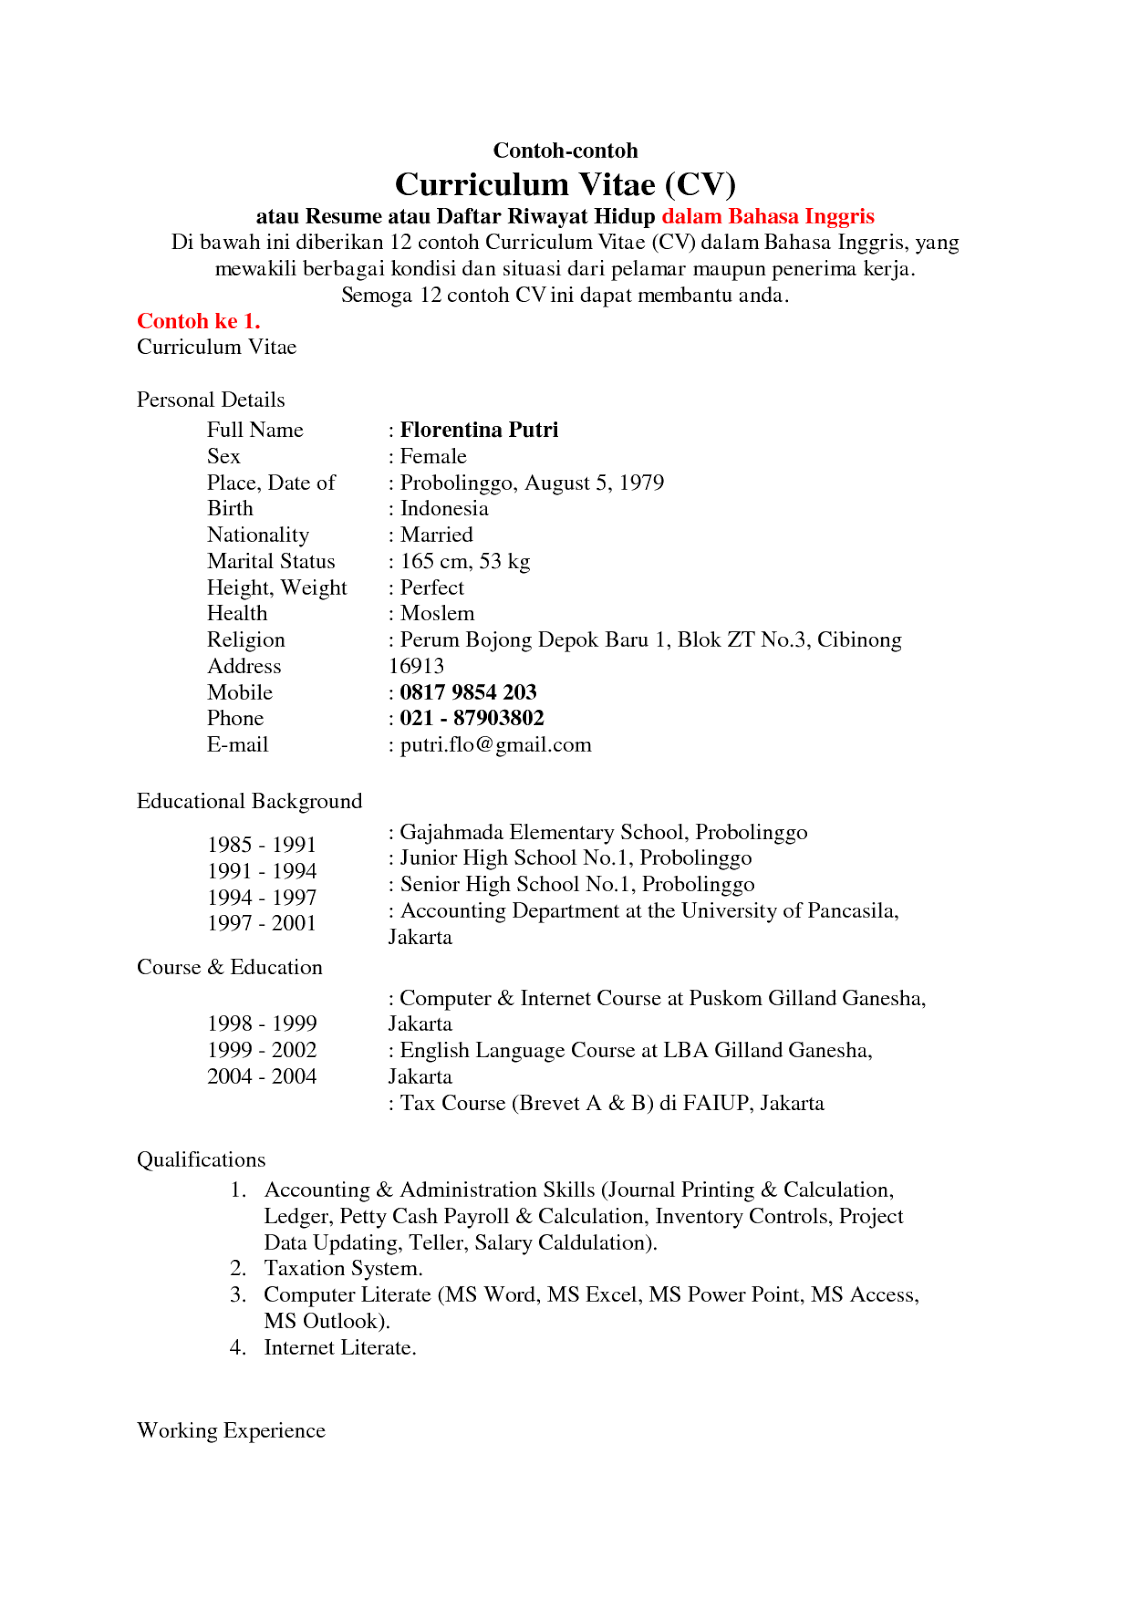 Curriculum Vitae Lamaran Kerja Bahasa Inggris